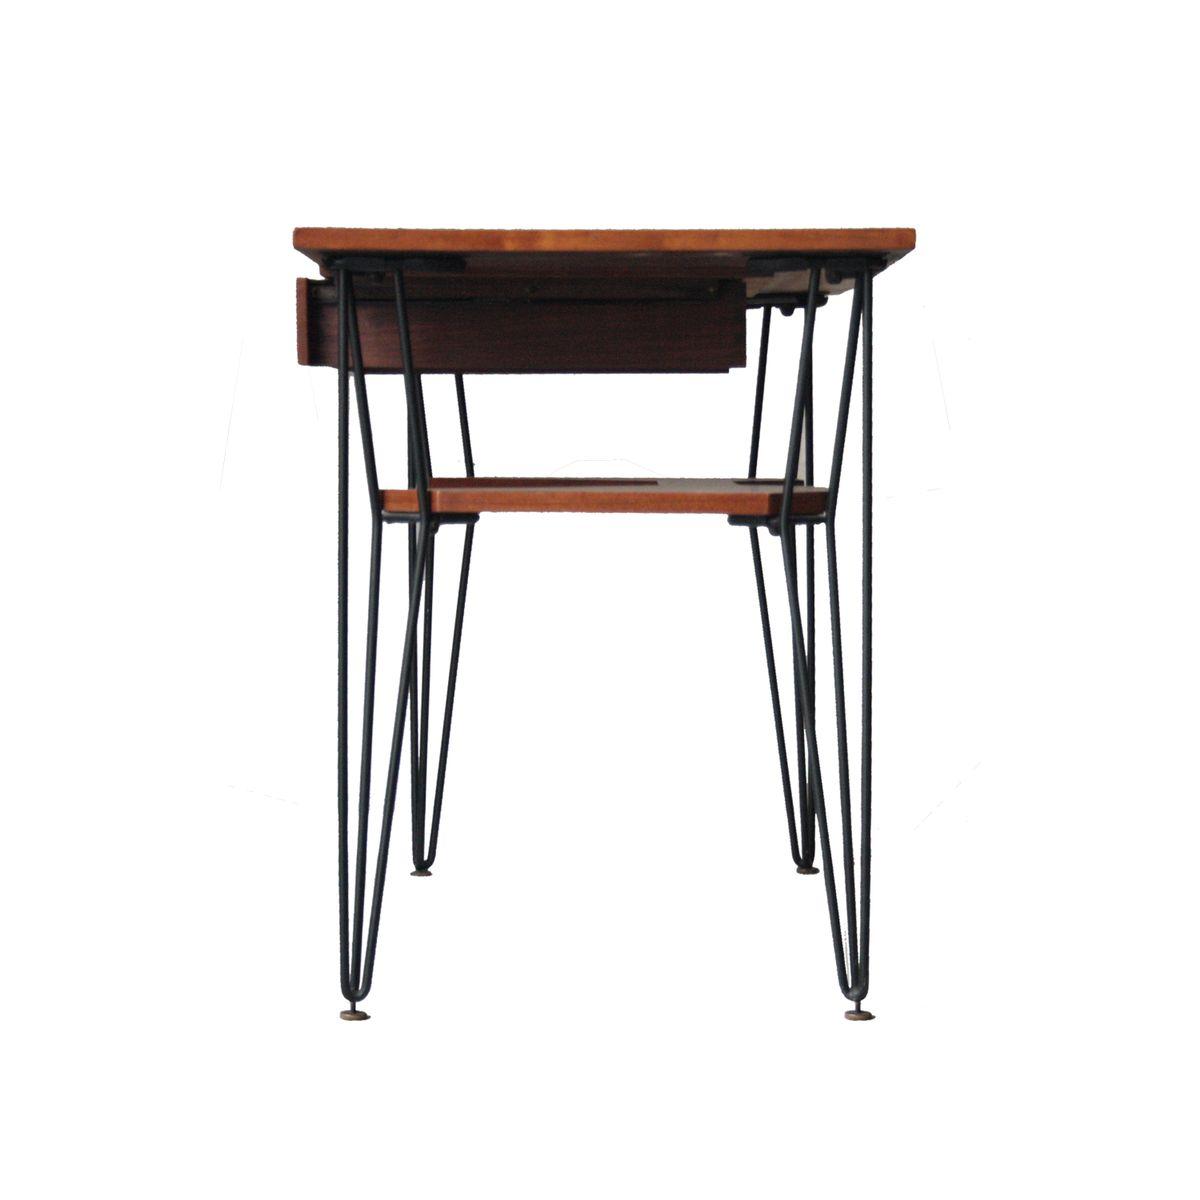 italienischer schreibtisch aus palisander mit tischbeinen aus metall 1950er bei pamono kaufen. Black Bedroom Furniture Sets. Home Design Ideas